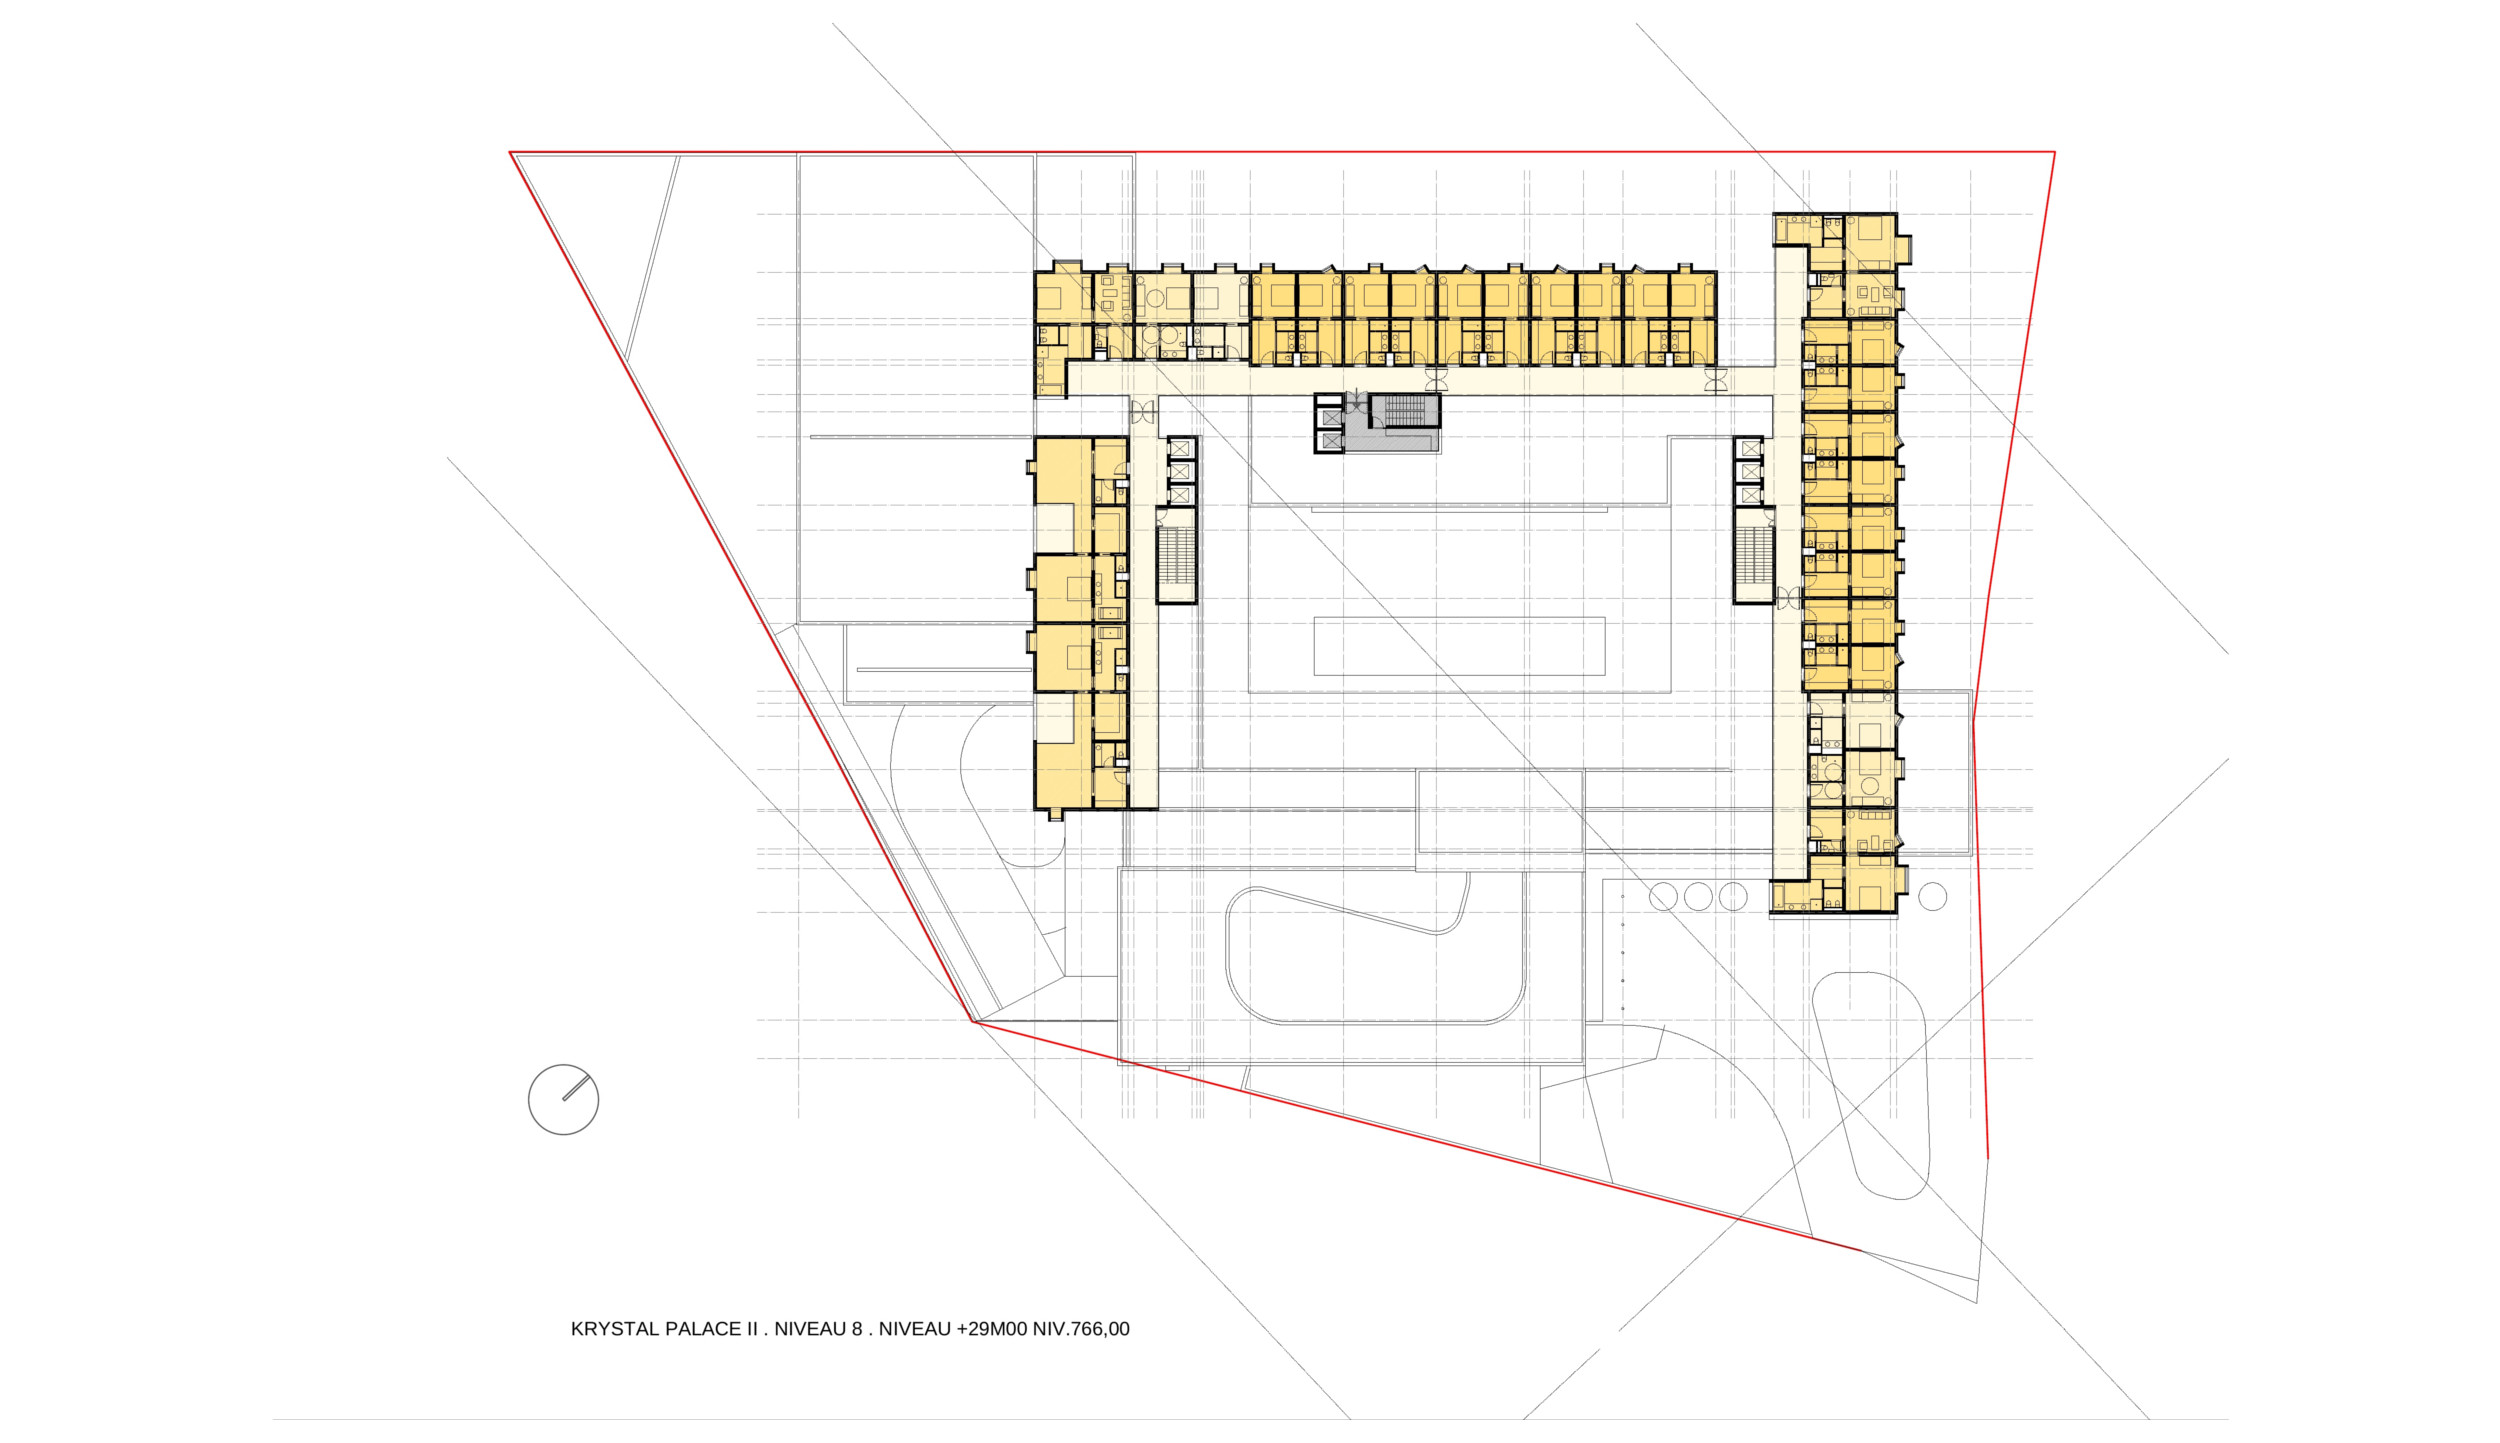 KRYSTAL PALACE-plan-16-n8